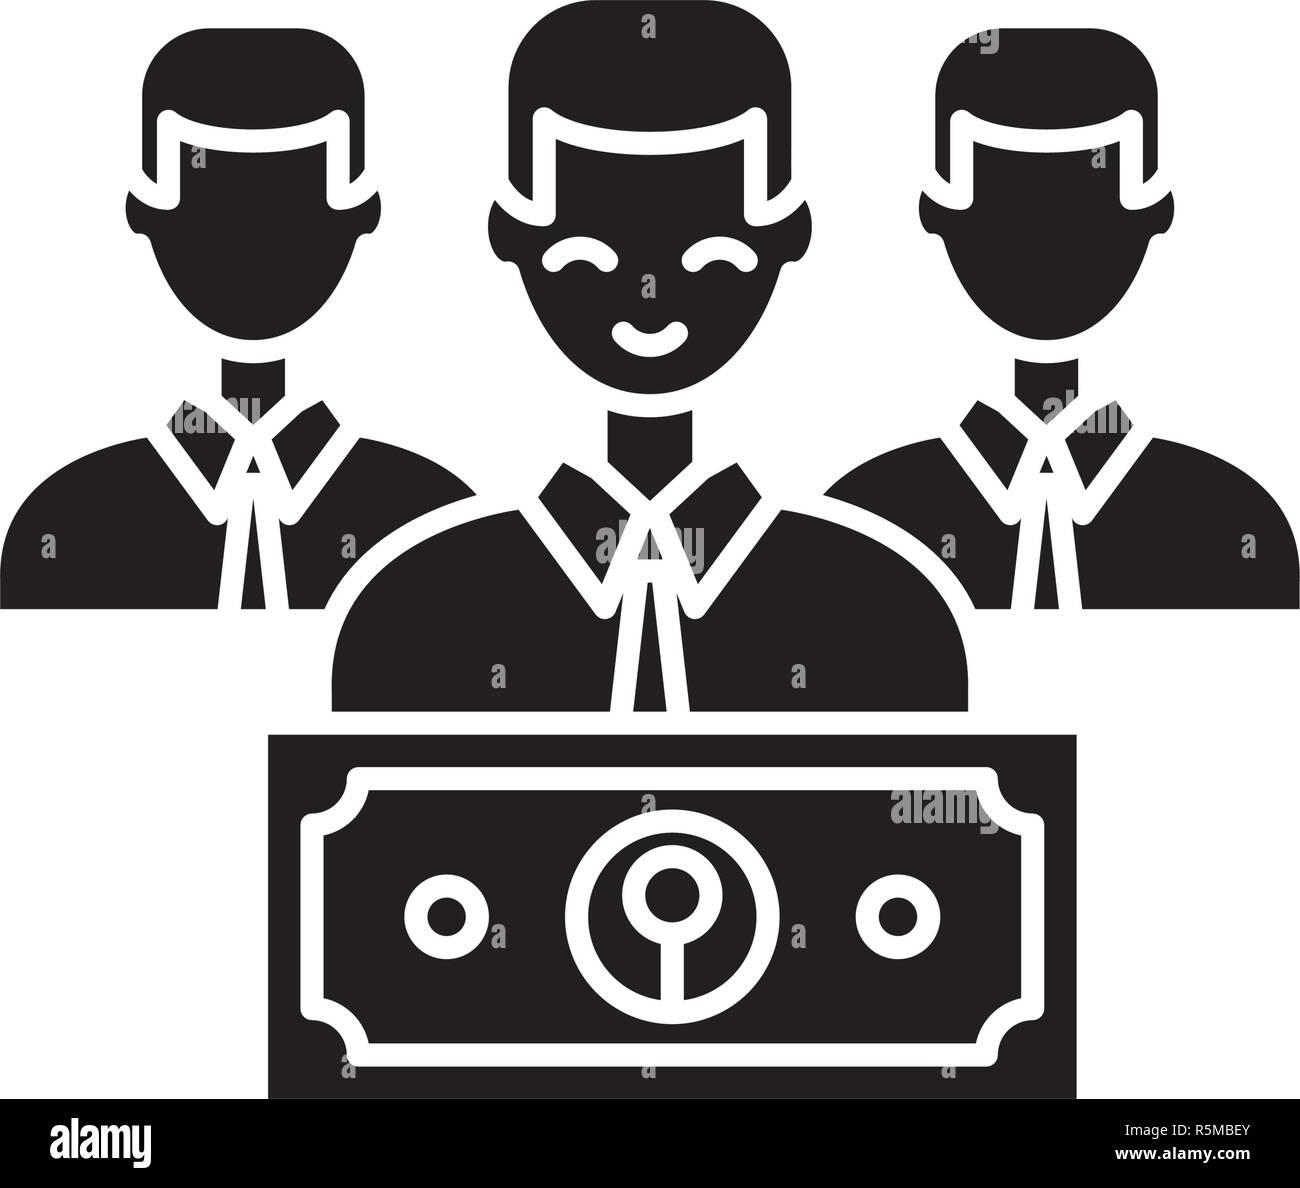 Icono negro de salario, vector signo en antecedentes aislados. Concepto de salario, símbolo de la ilustración Ilustración del Vector